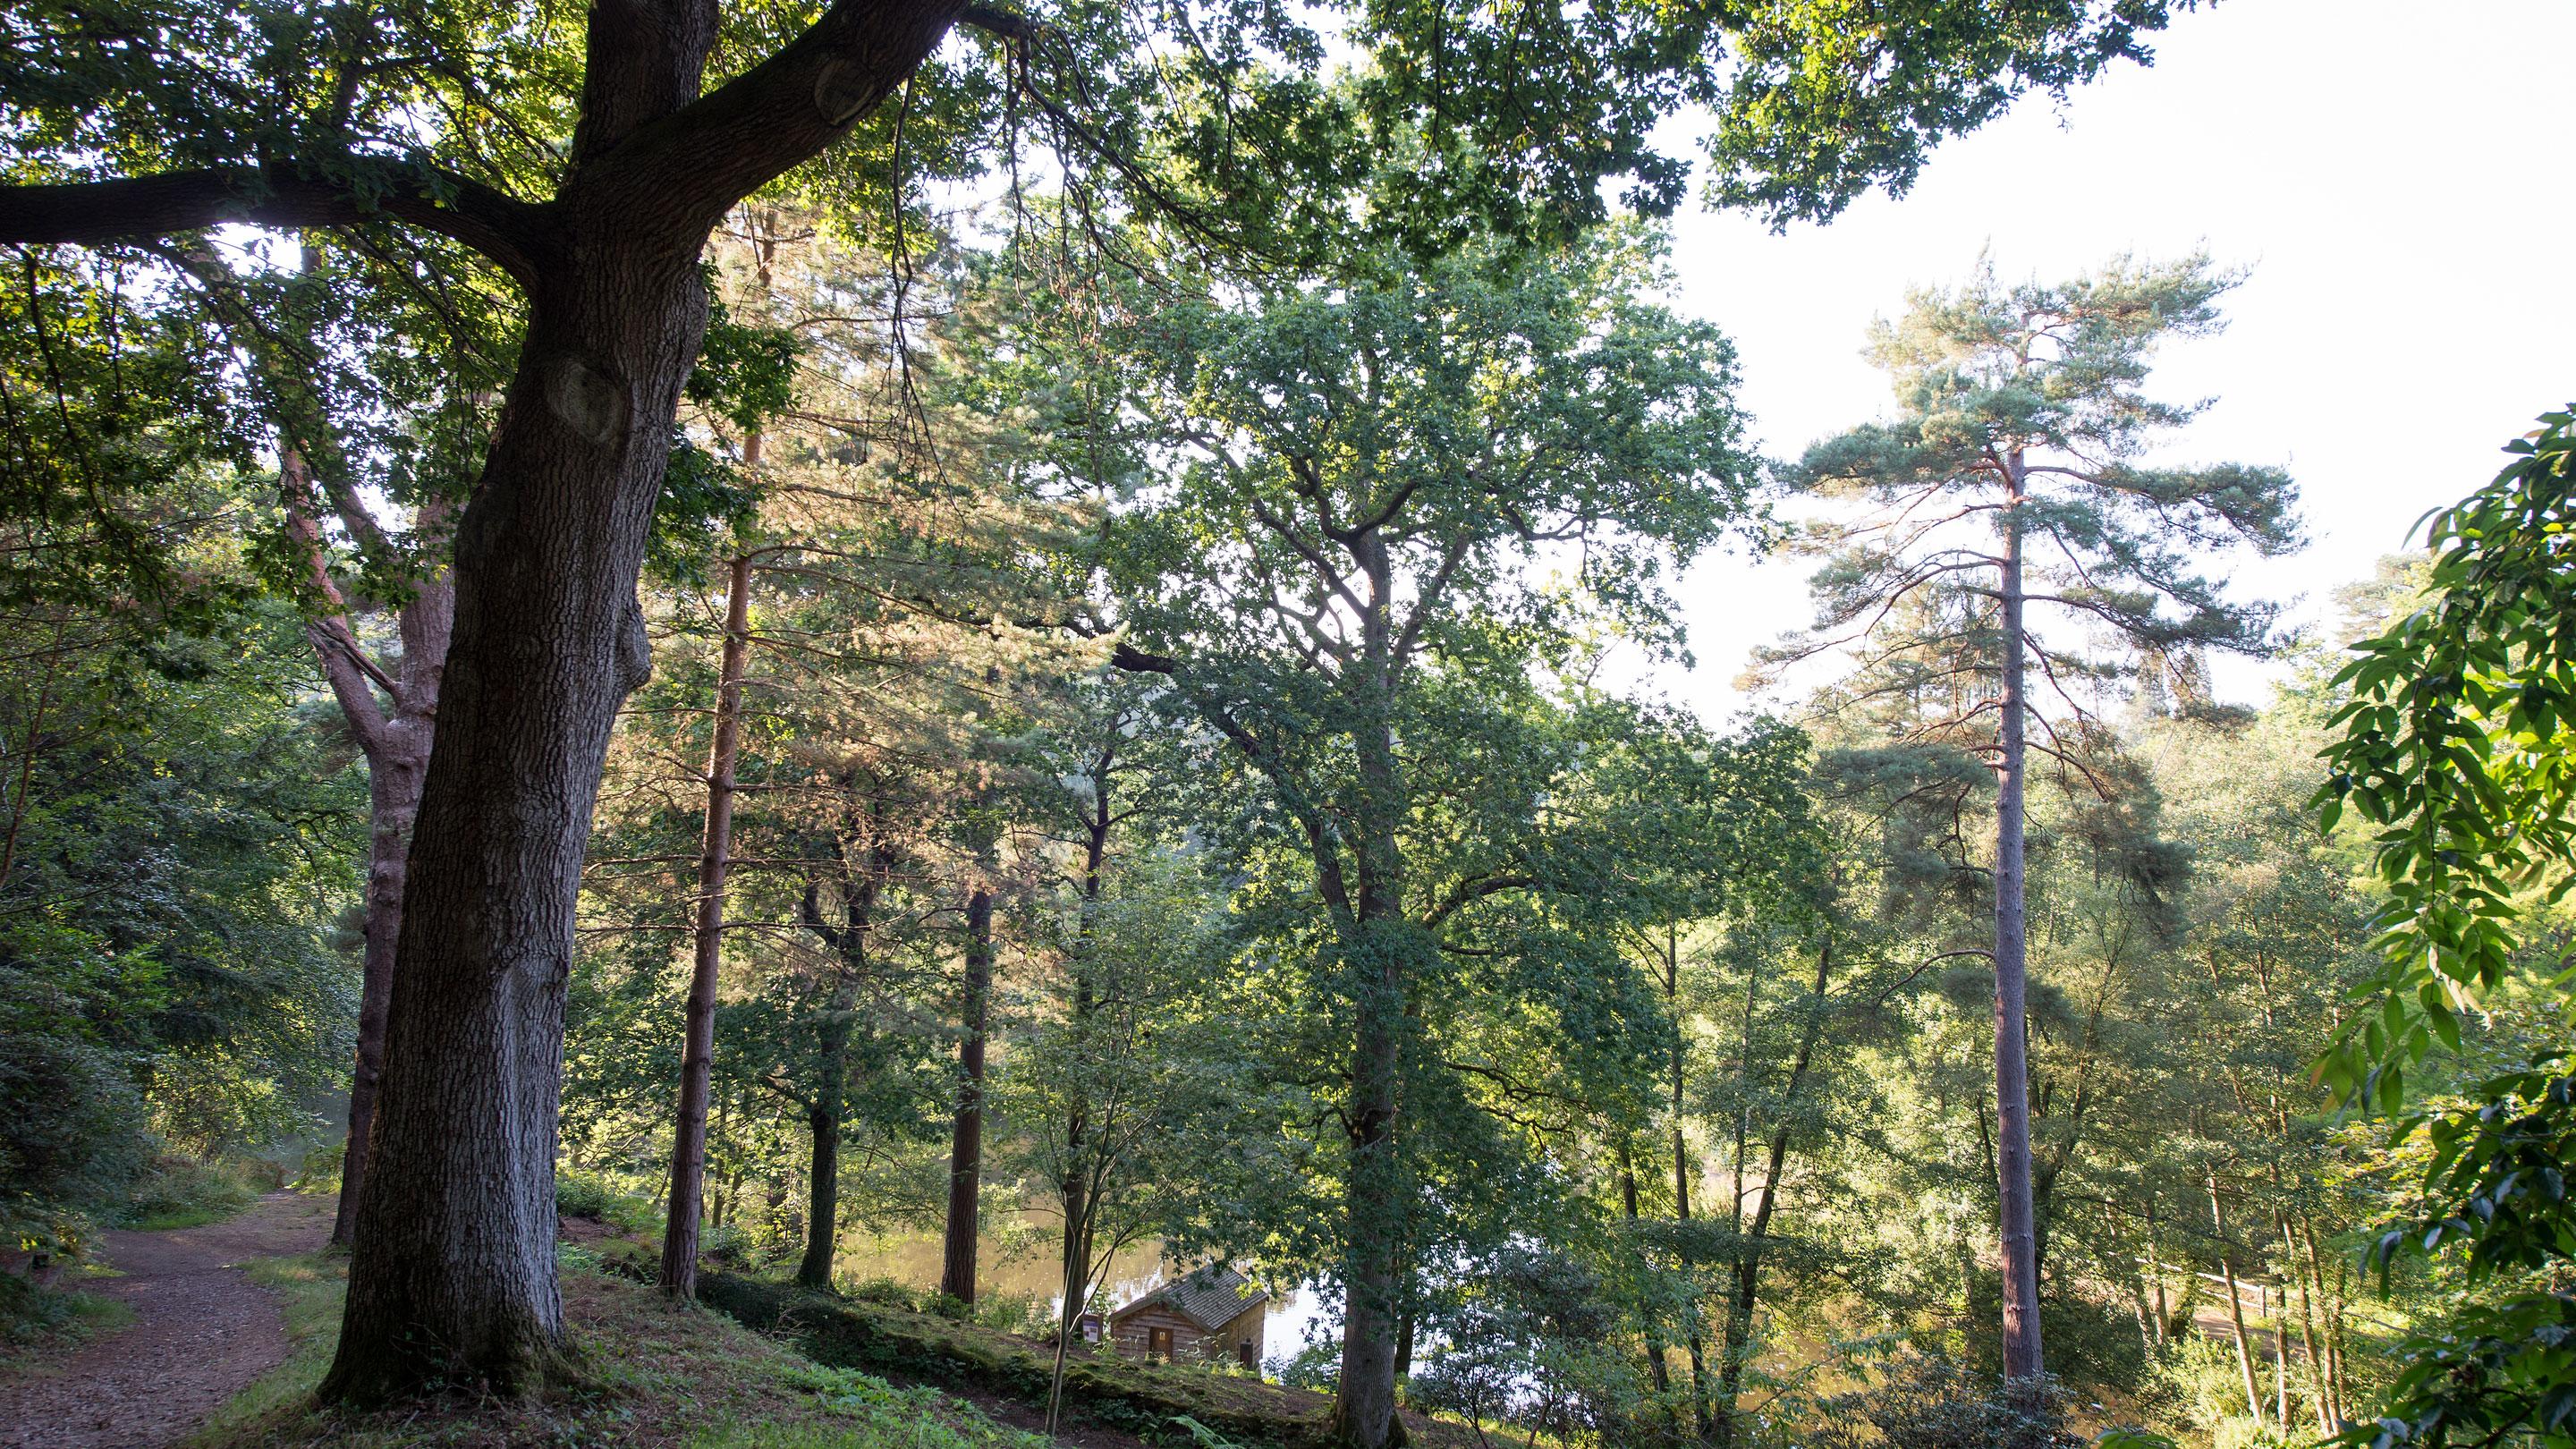 Wakehurst landscape